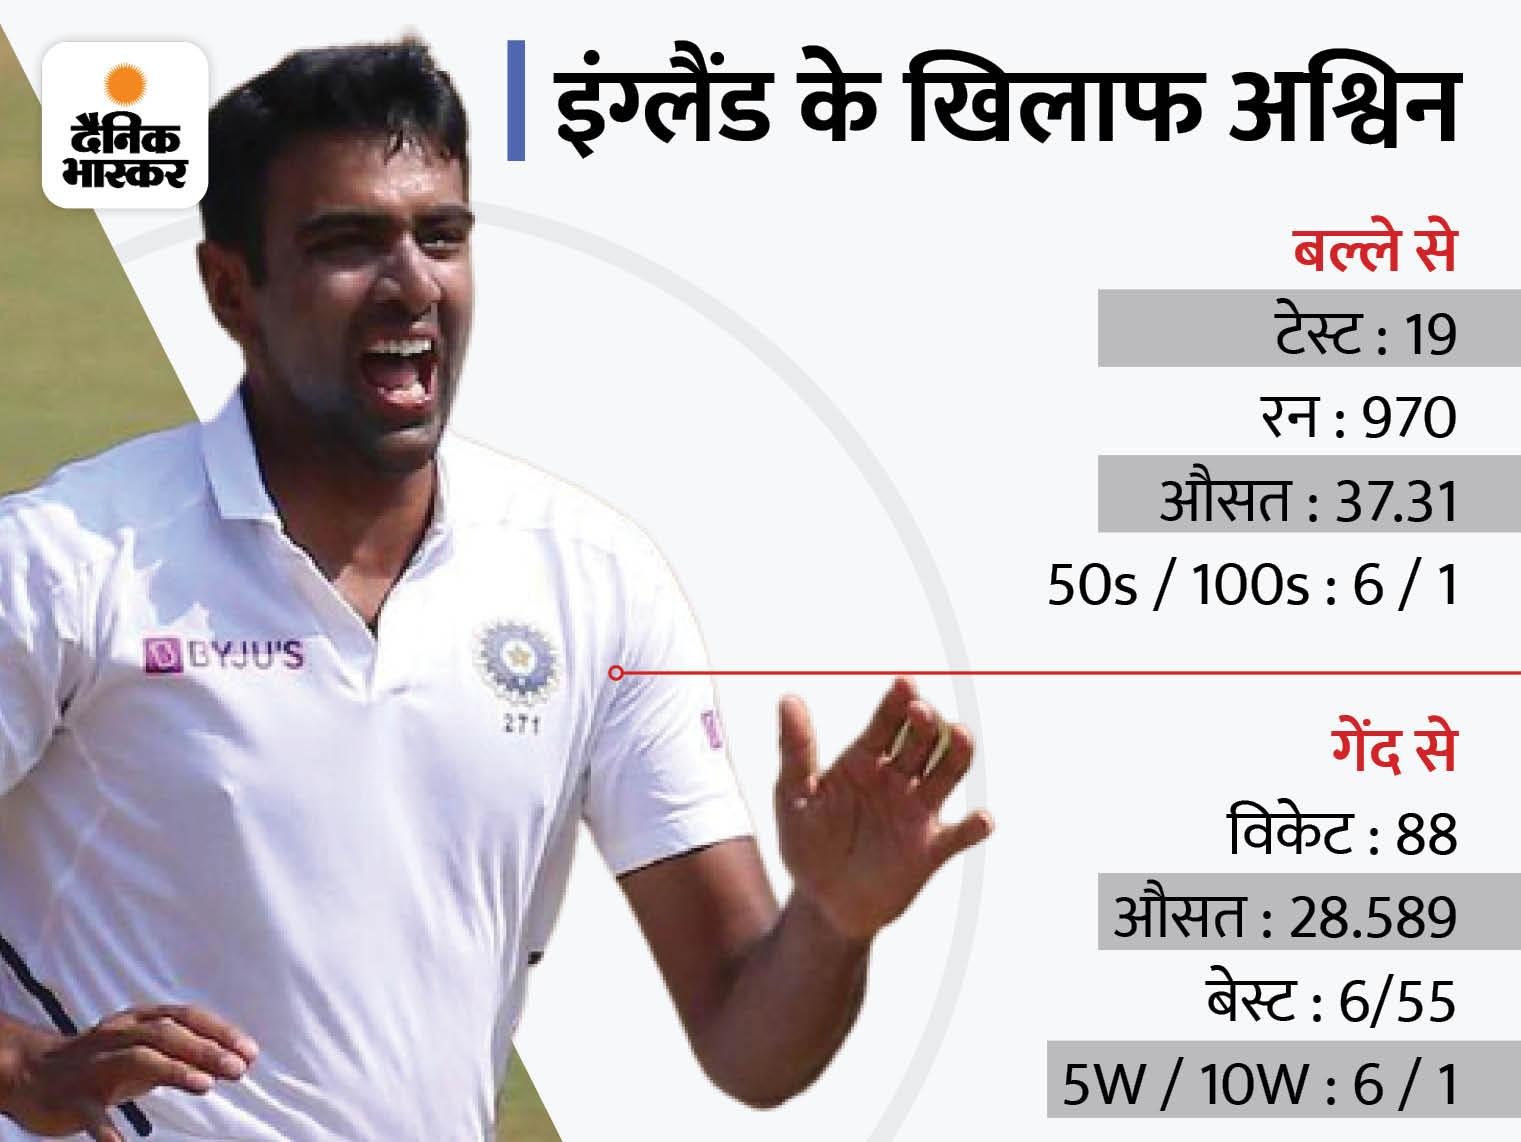 पूर्व कप्तान ने कहा- लीड्स में हुई थी चूक, लेकिन ओवल में जरूर मिलना चाहिए आर अश्विन को मौका|क्रिकेट,Cricket - Dainik Bhaskar